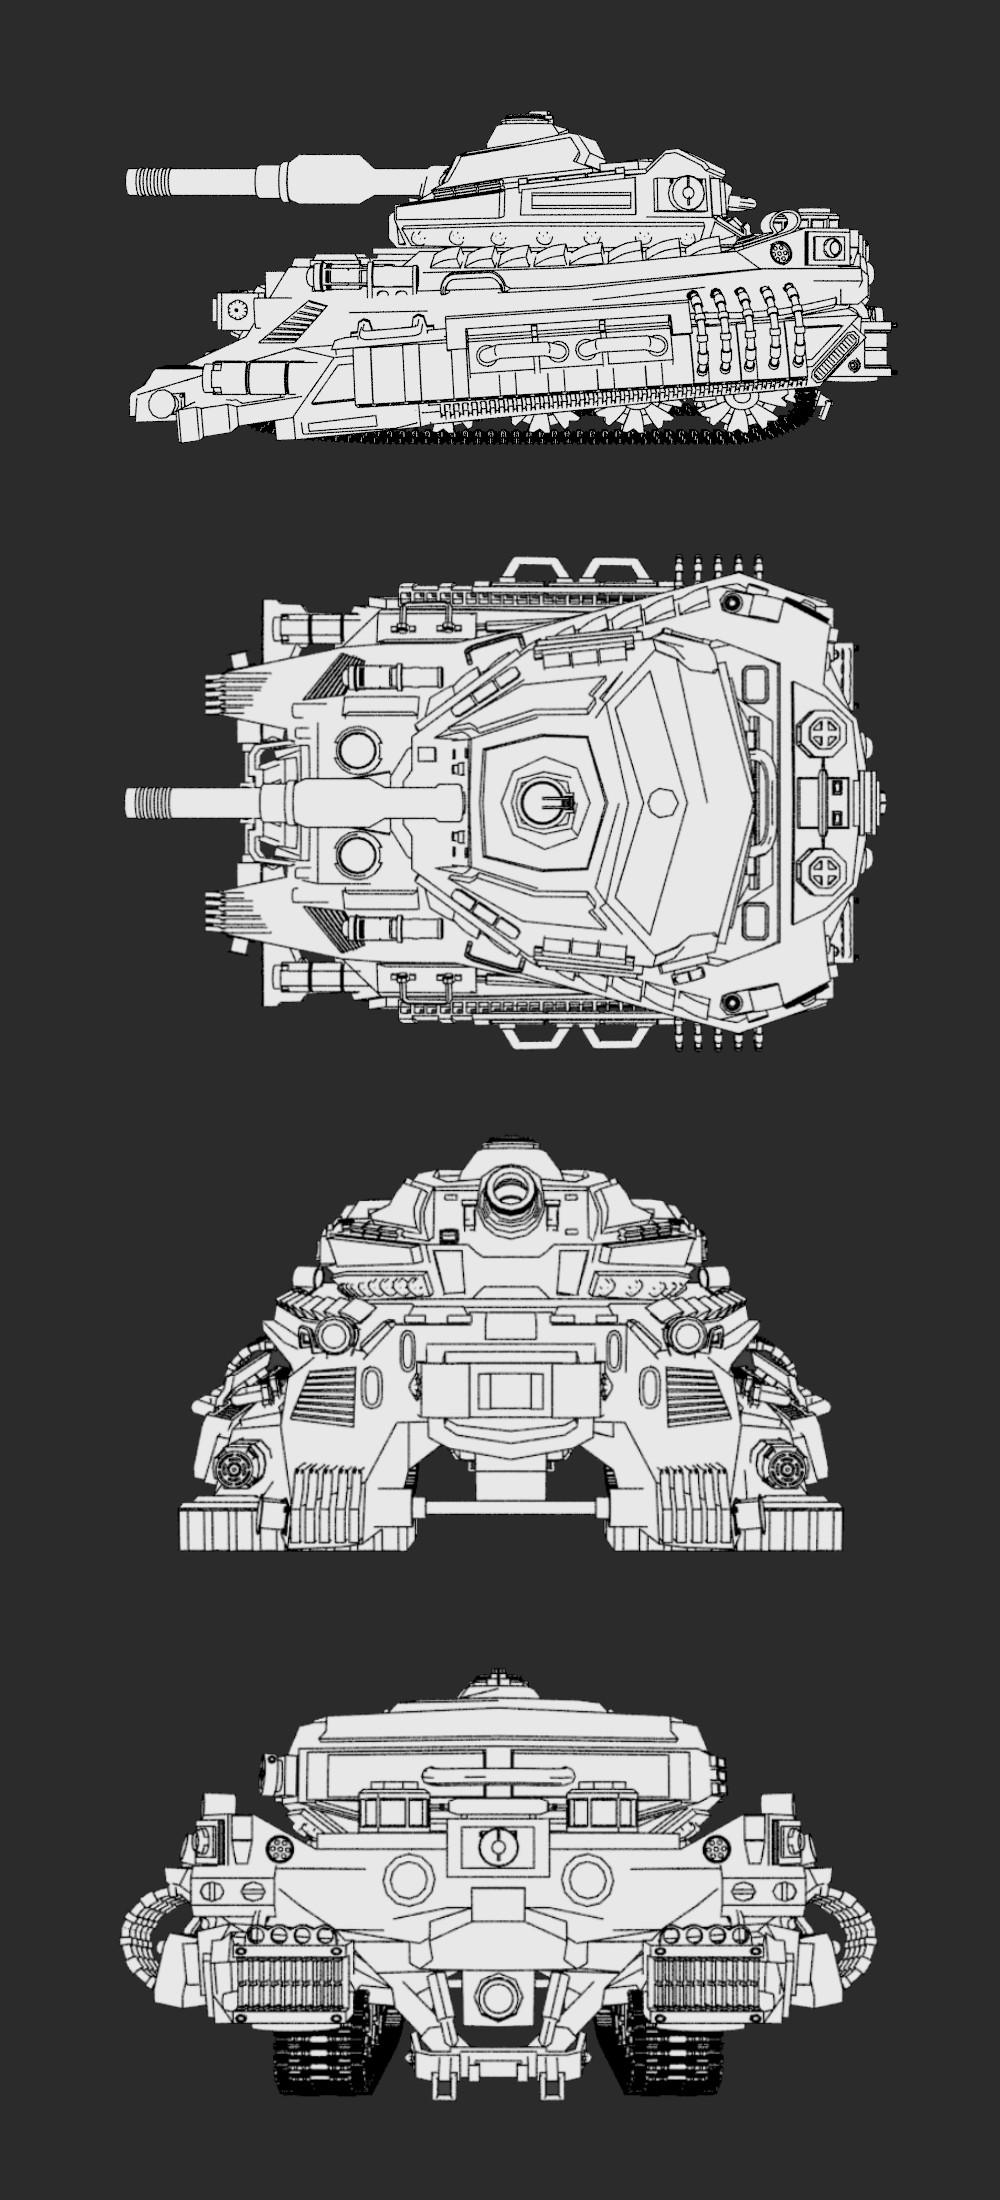 Omar pico 02 tank line omarpico